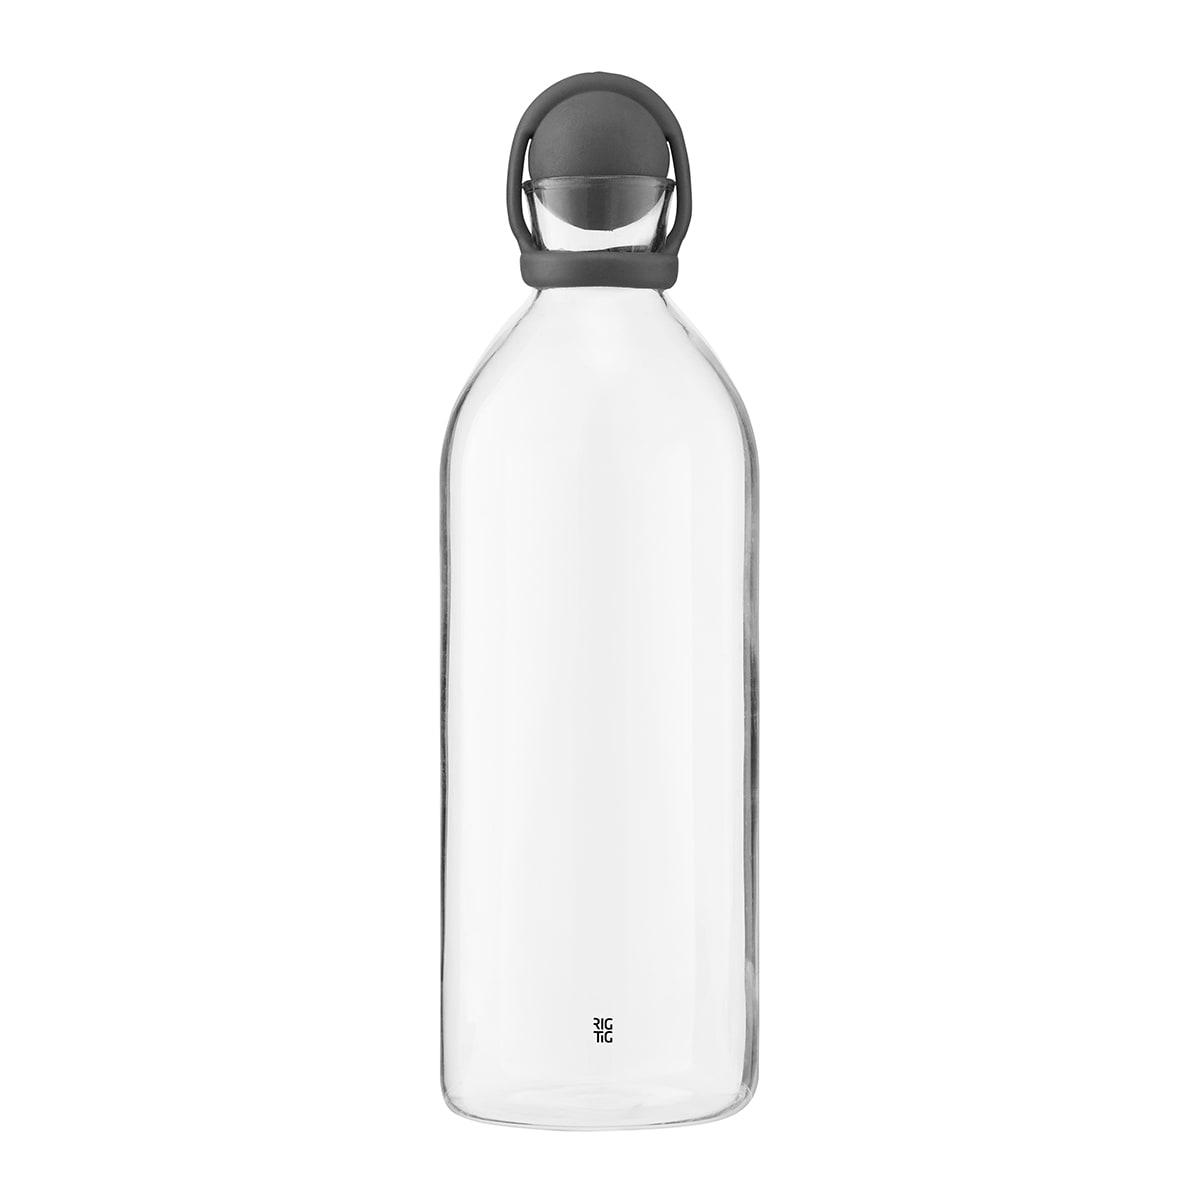 1,5 liter - Glas og gummi